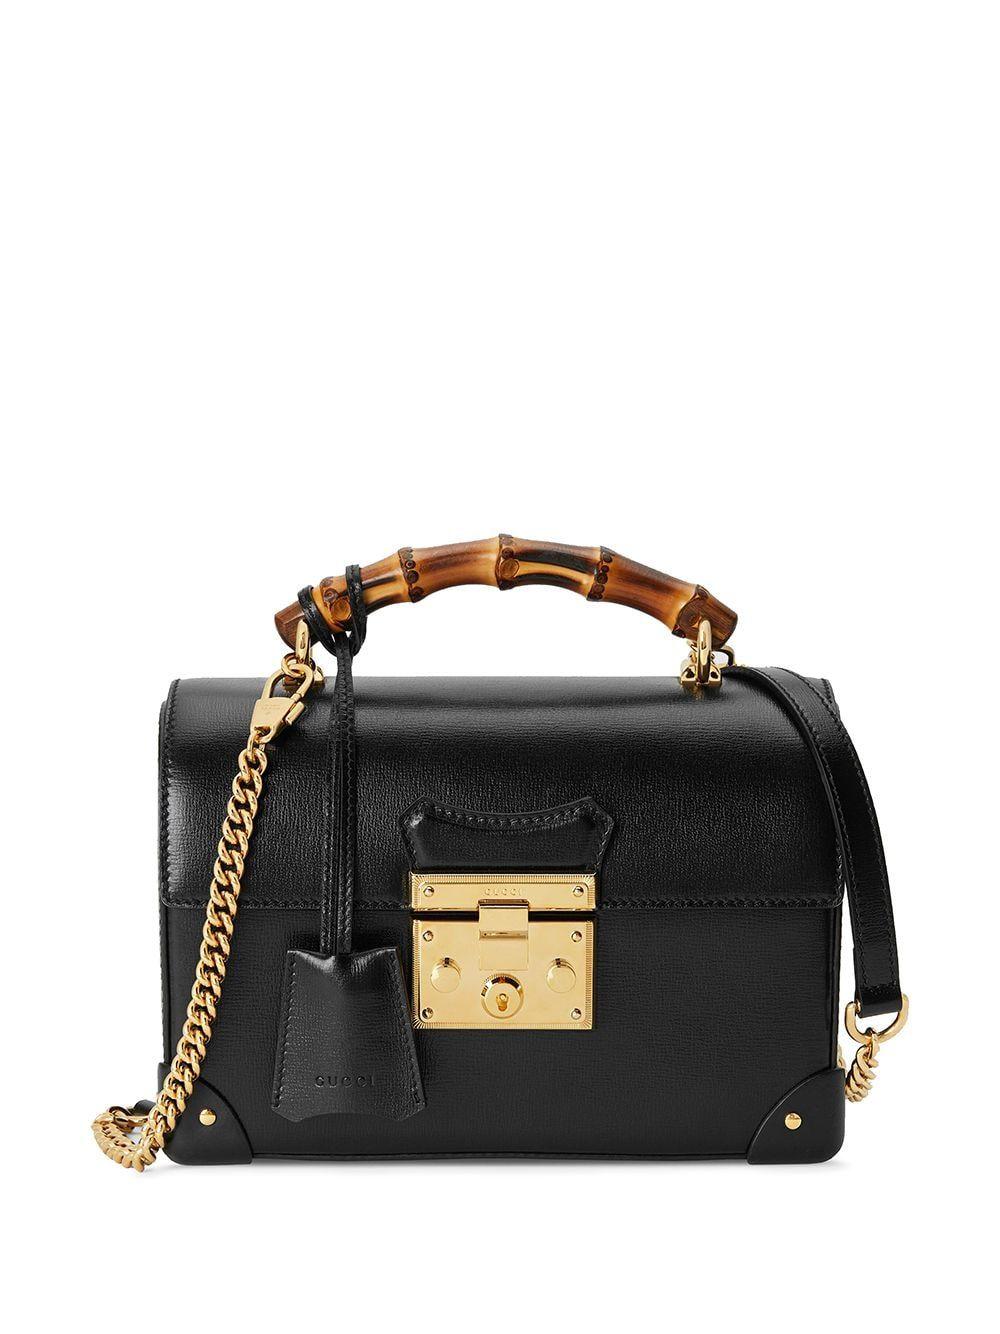 GUCCI SMALL PADLOCK SHOULDER BAG bags bags